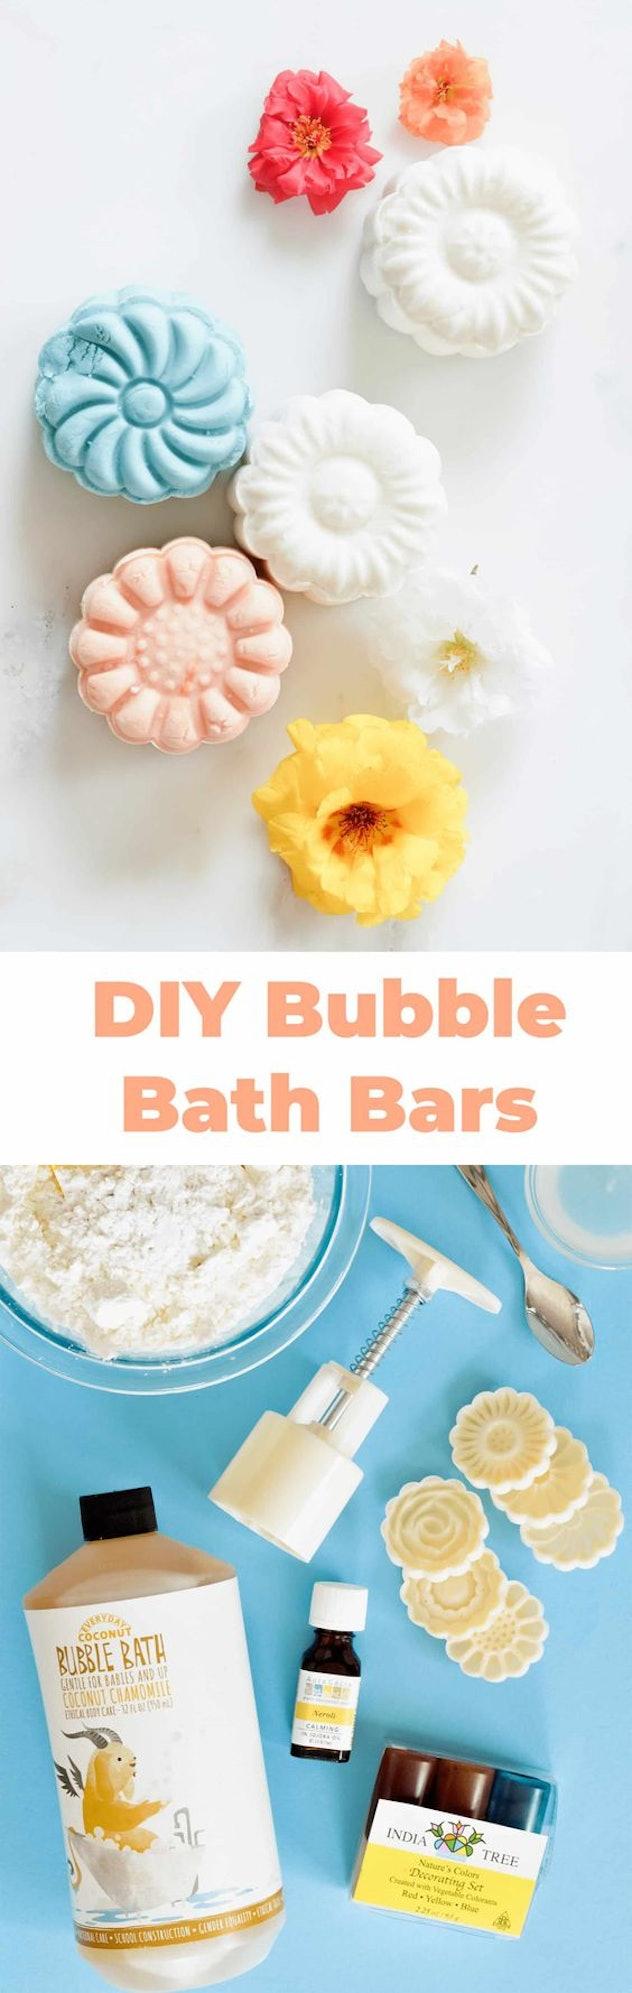 Bubble bath bars.